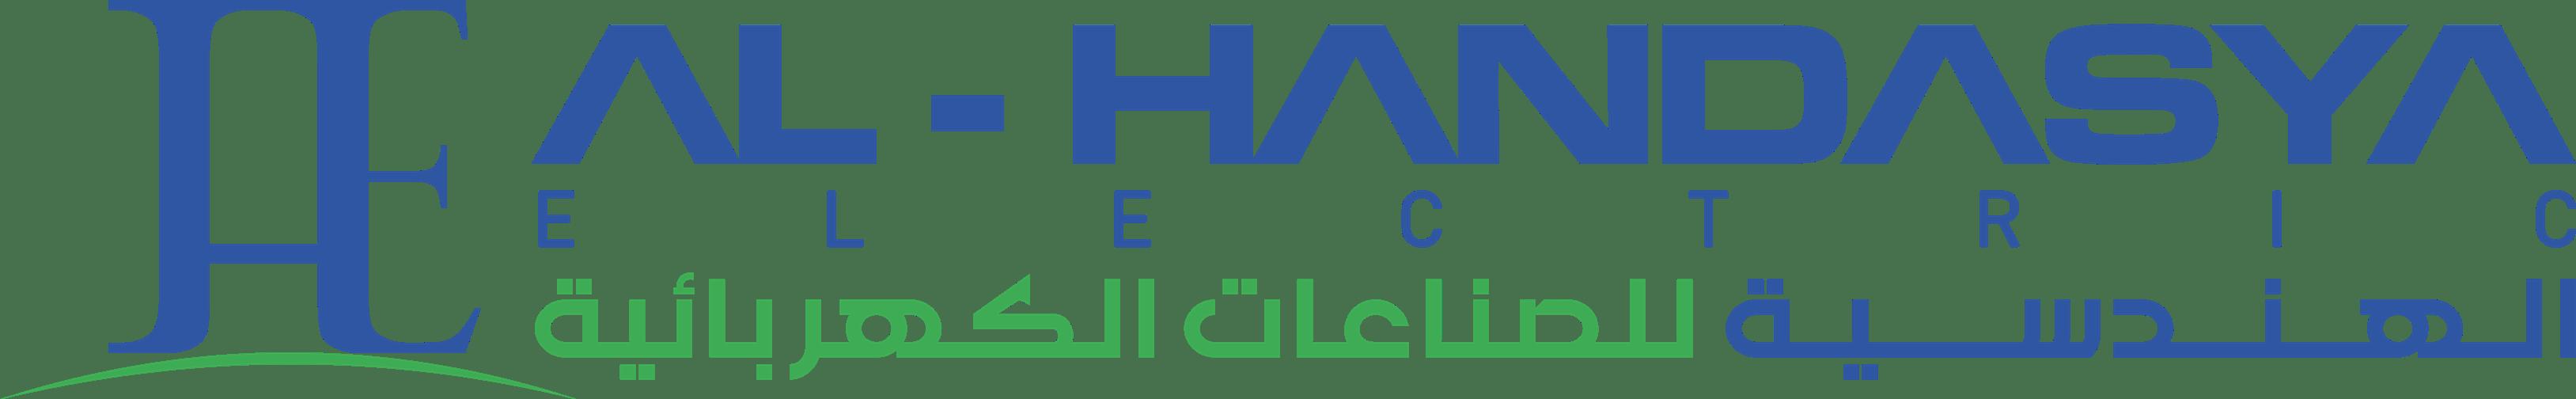 Alhandasya Electric